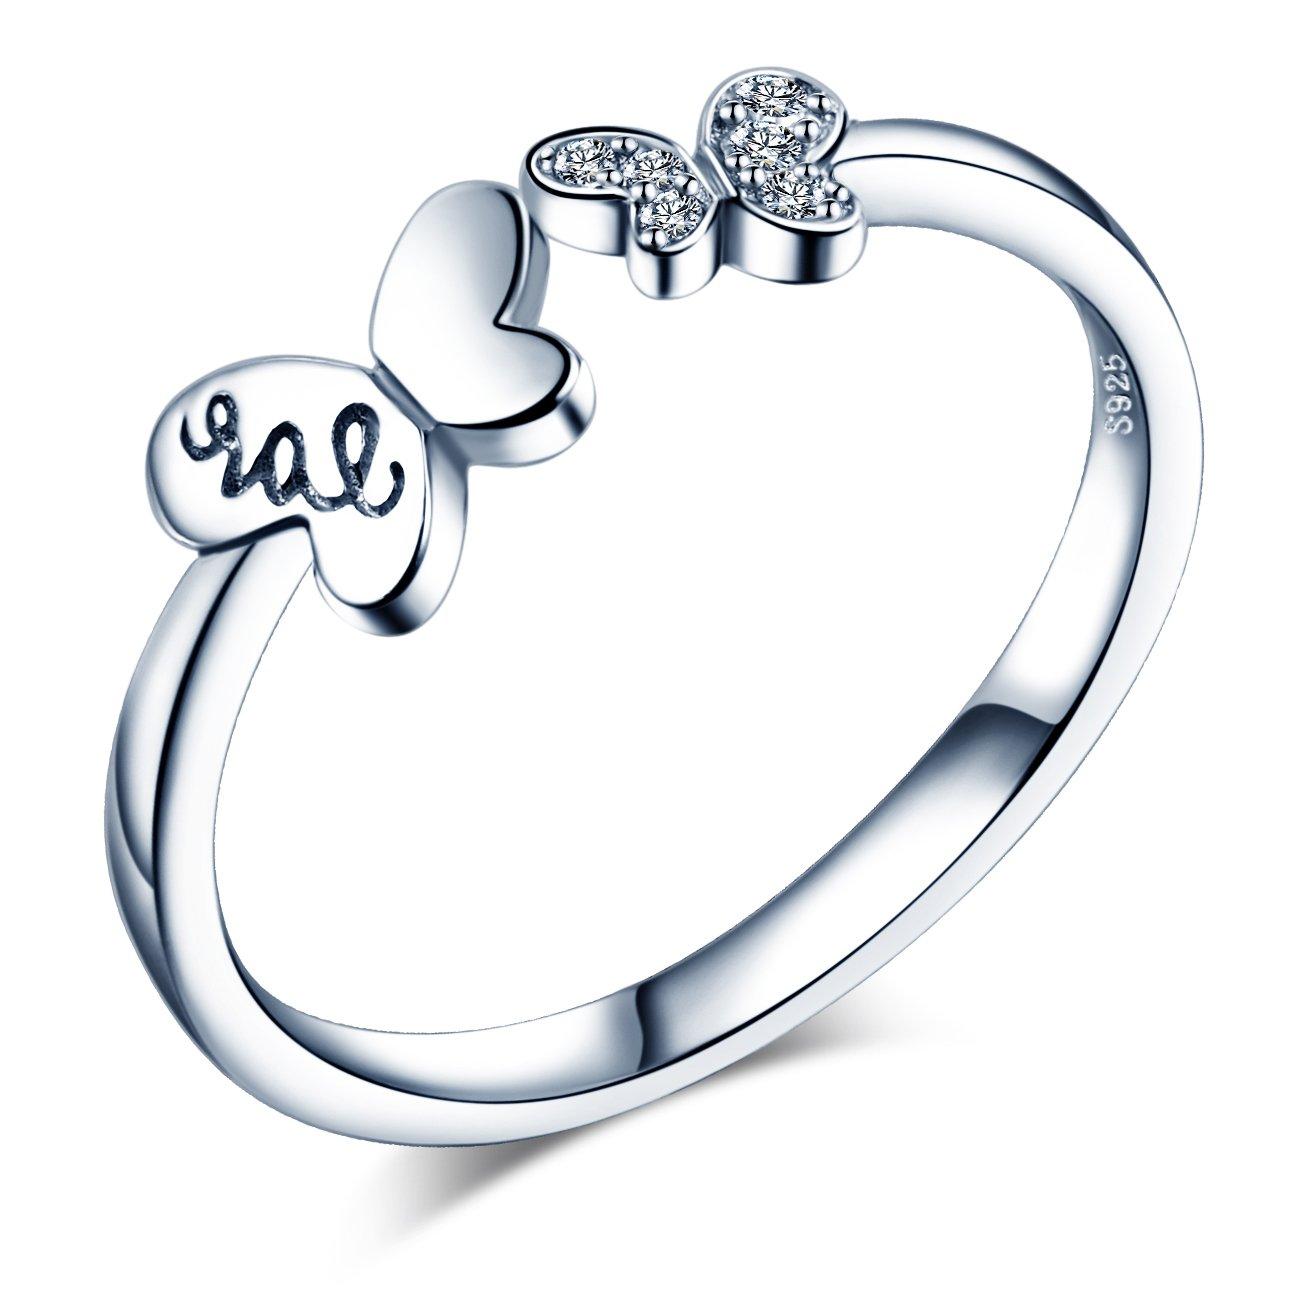 Infinite U - Anillo de apertura de plata de ley 925 con circonita cúbica para mujeres/niñas, tamaño ajustable de 5,5 a 7 Infinite Jewellery R5317